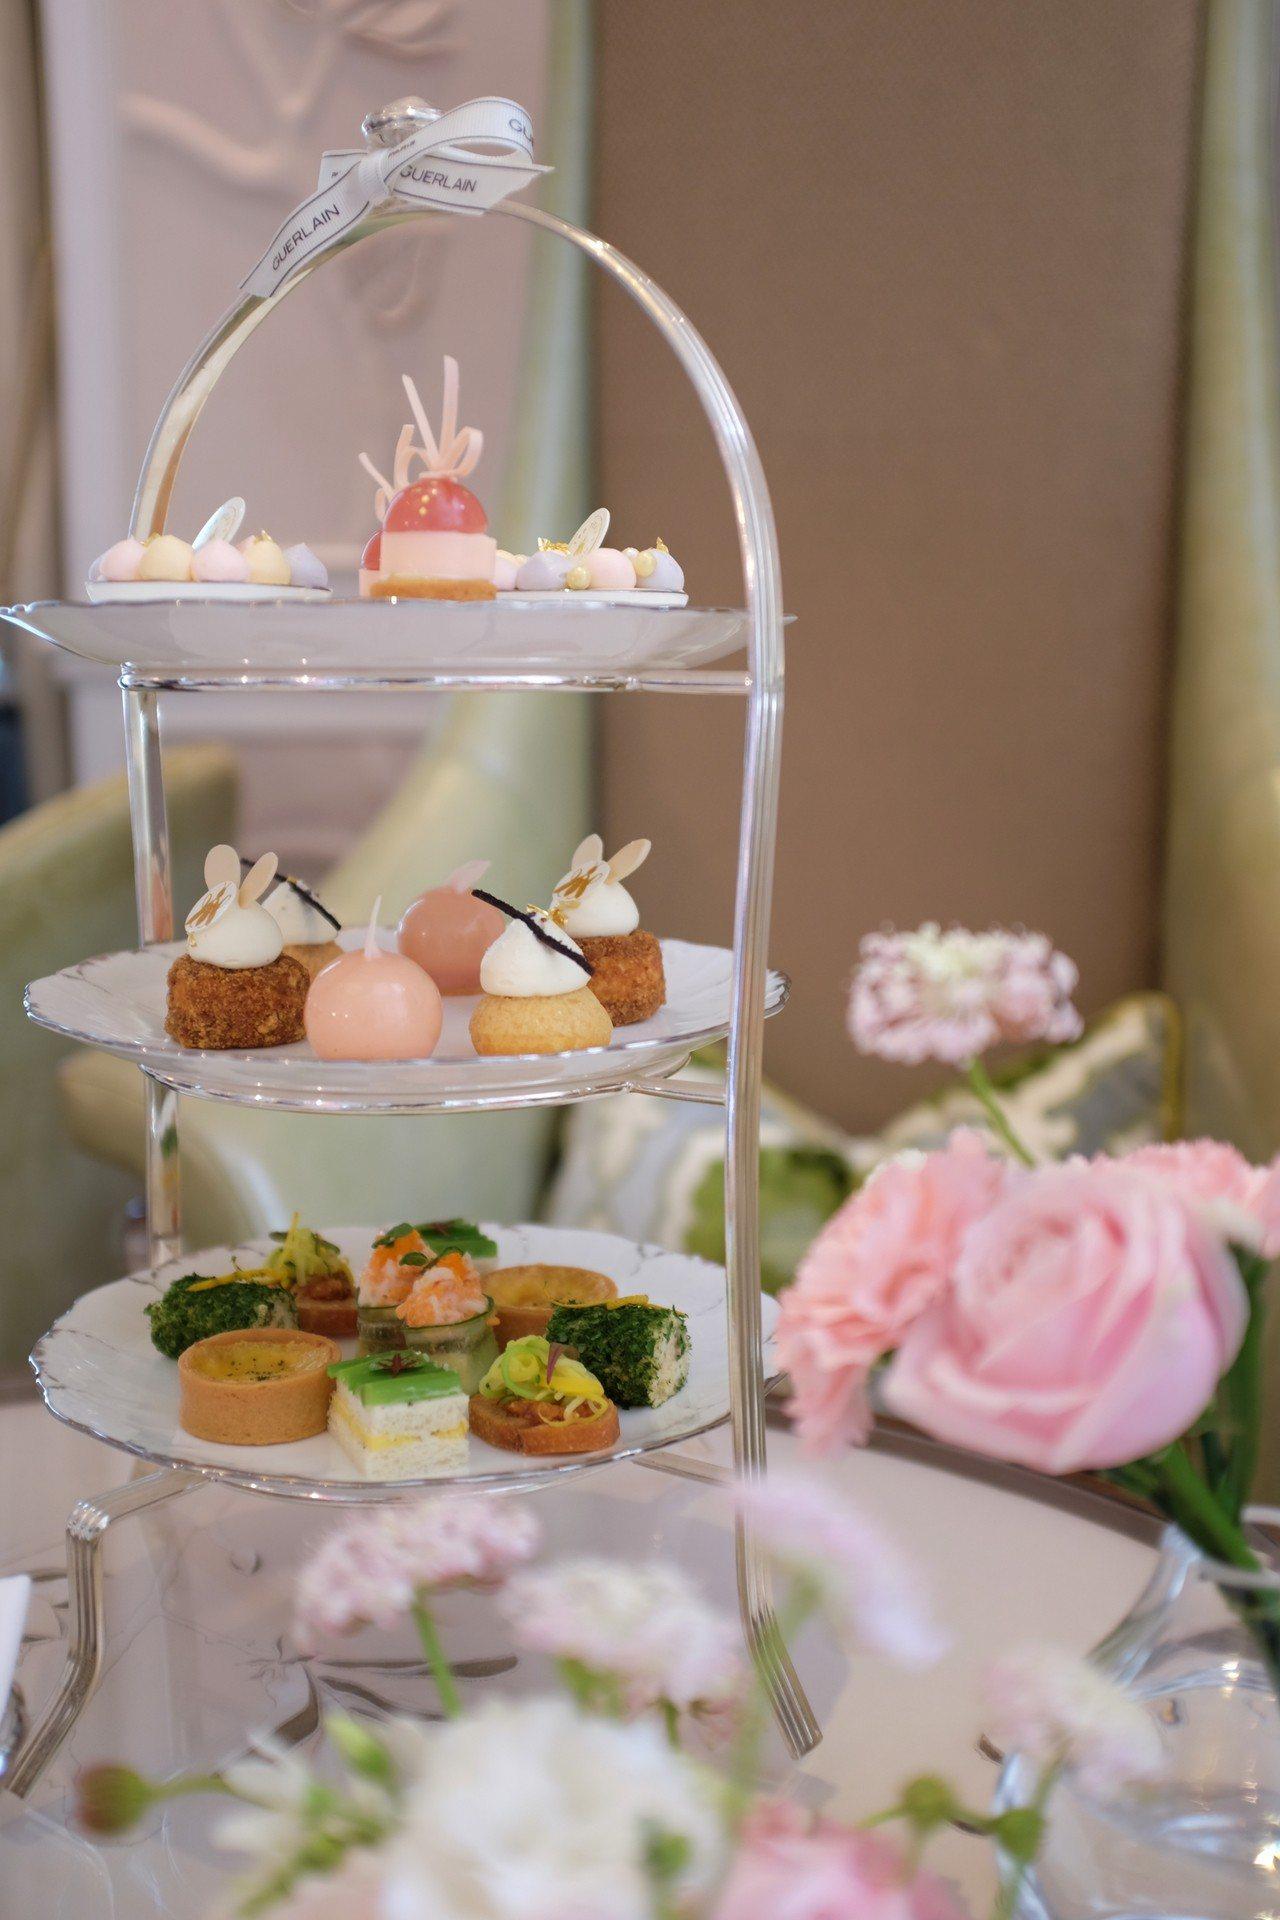 我的香氛印記下午茶饗宴,以嬌蘭香氛基調為靈感發想。記者沈佩臻/攝影